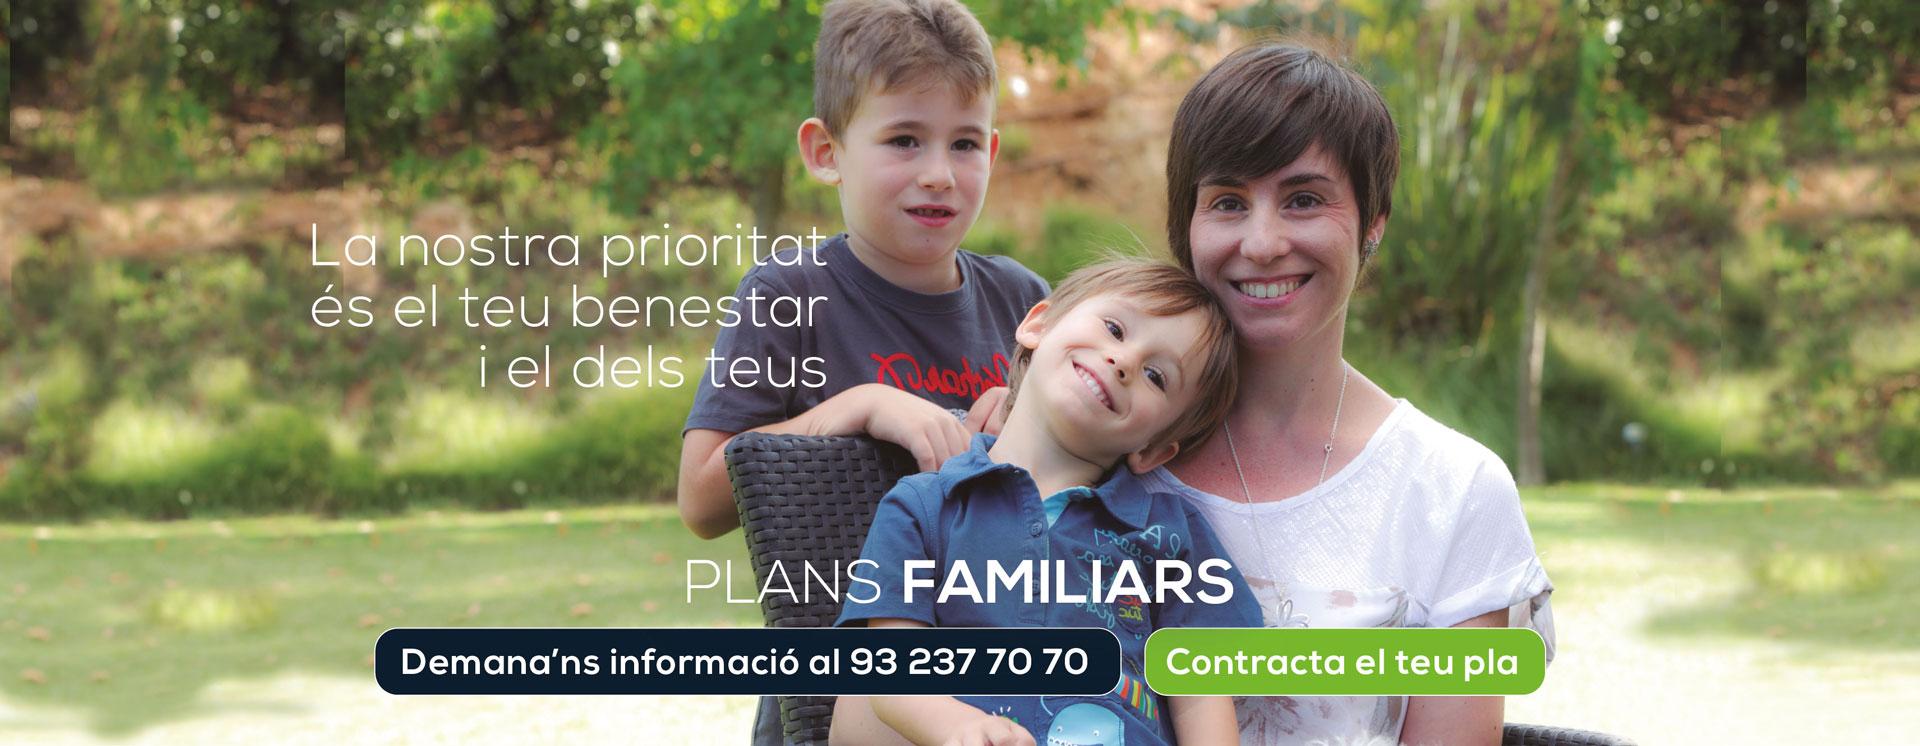 assegurances-per-a-la-familia